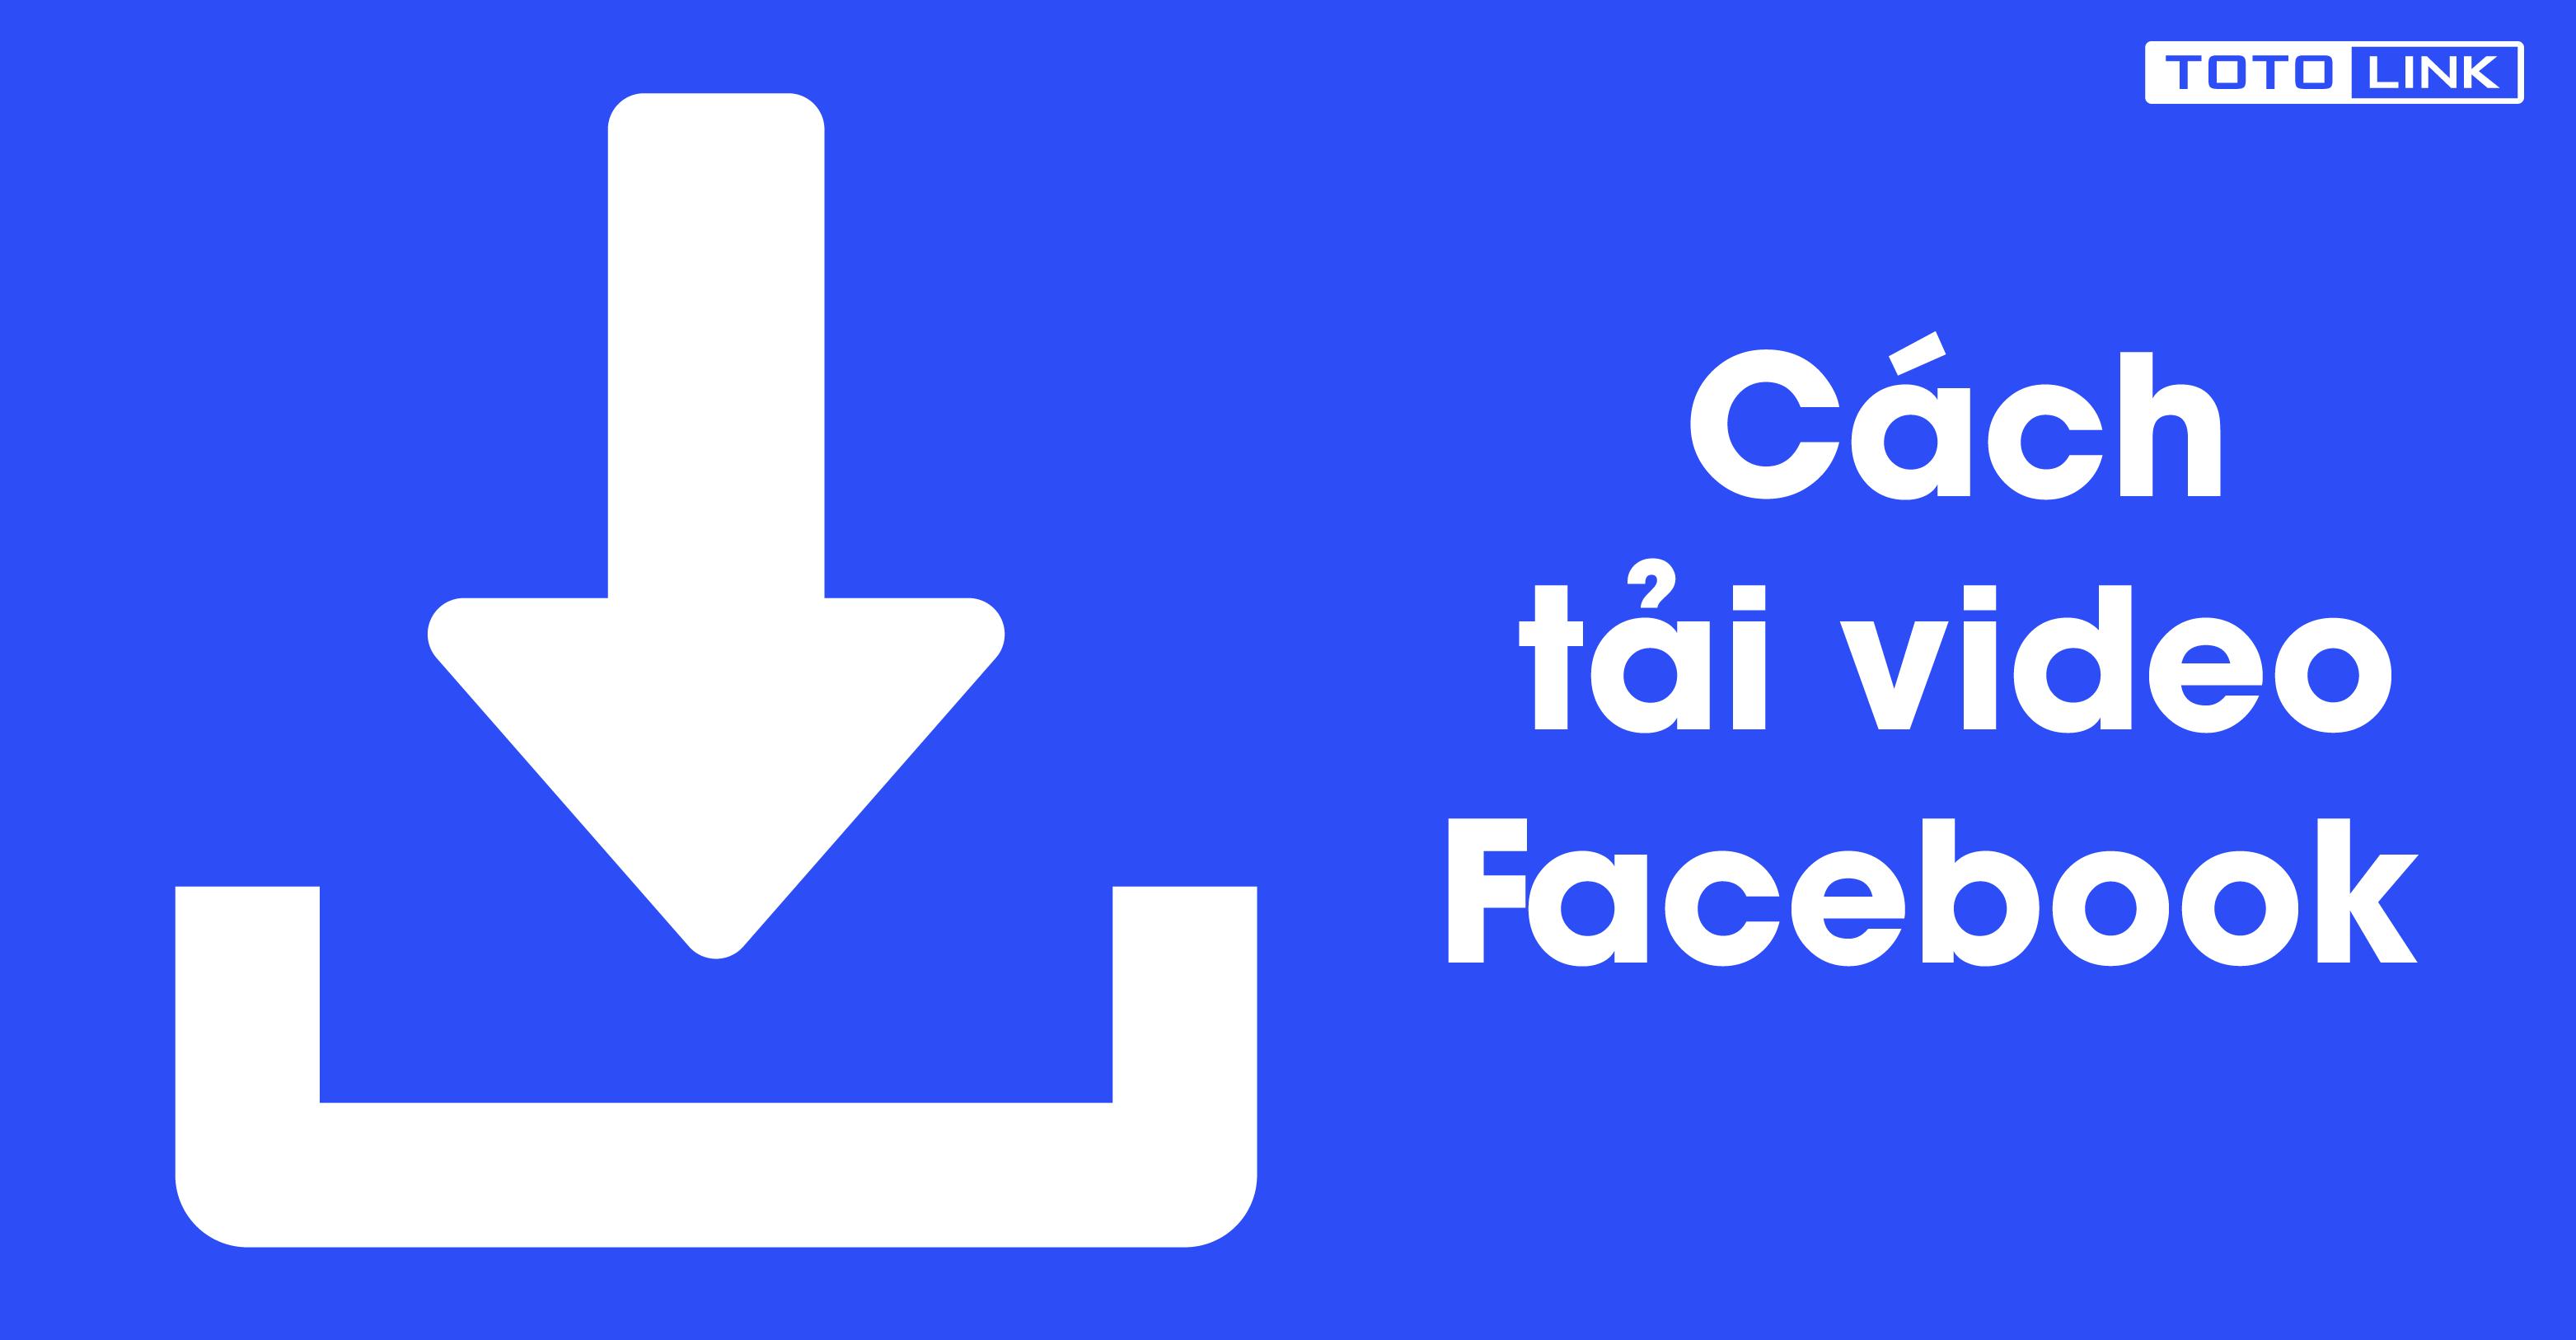 Cách tải video trên facebook cực nhanh không phải ai cũng biết - TOTOLINK  Việt Nam